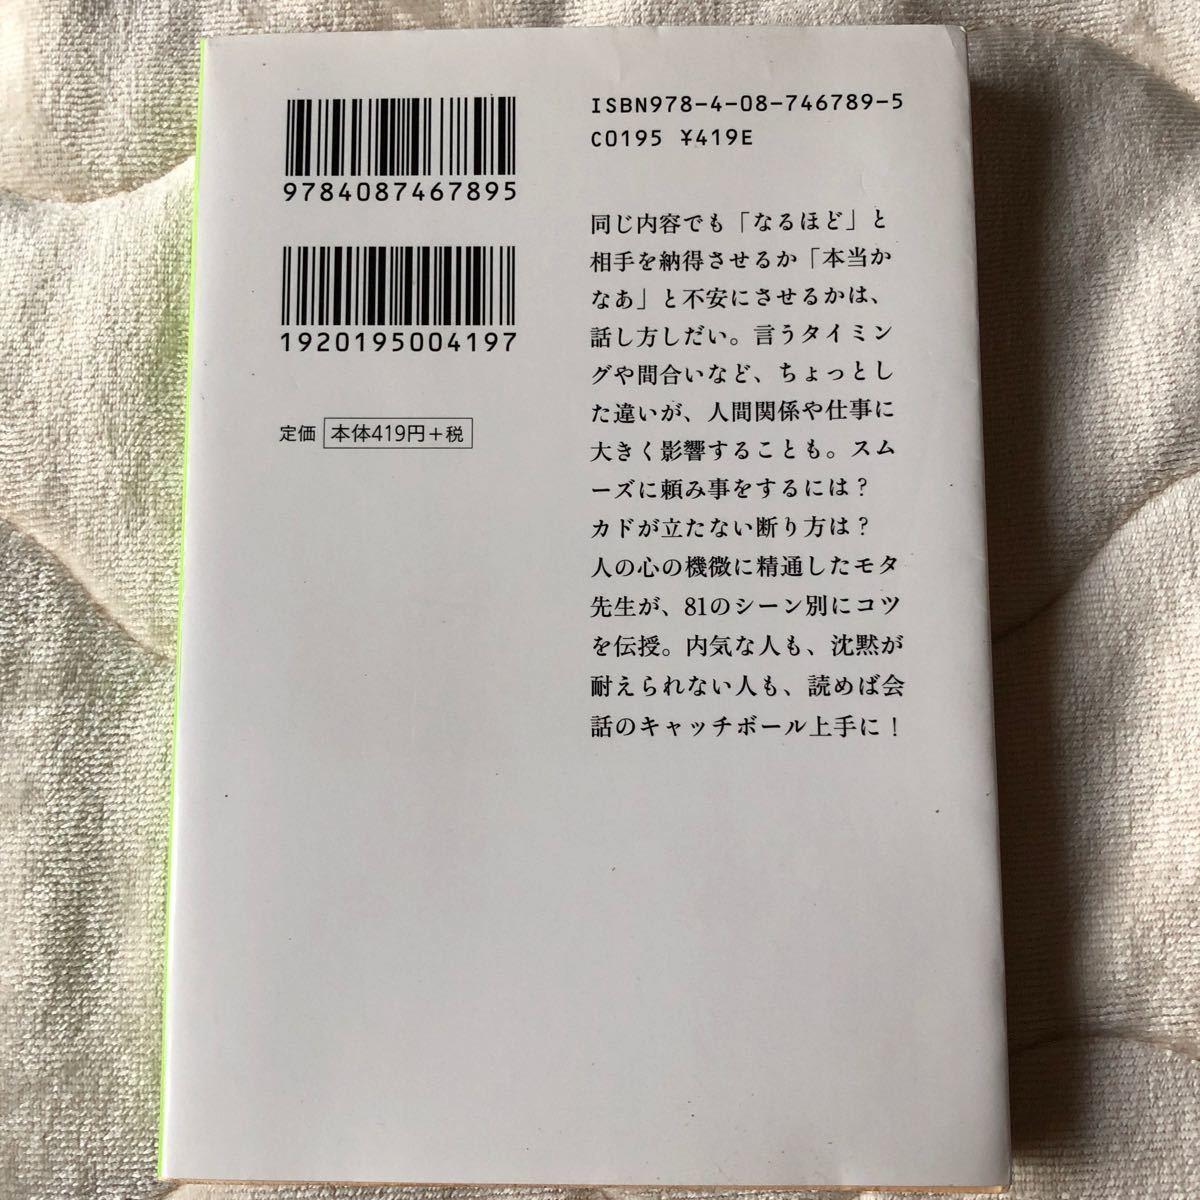 人の心をギュッとつかむ話し方81のルール 斎藤茂太